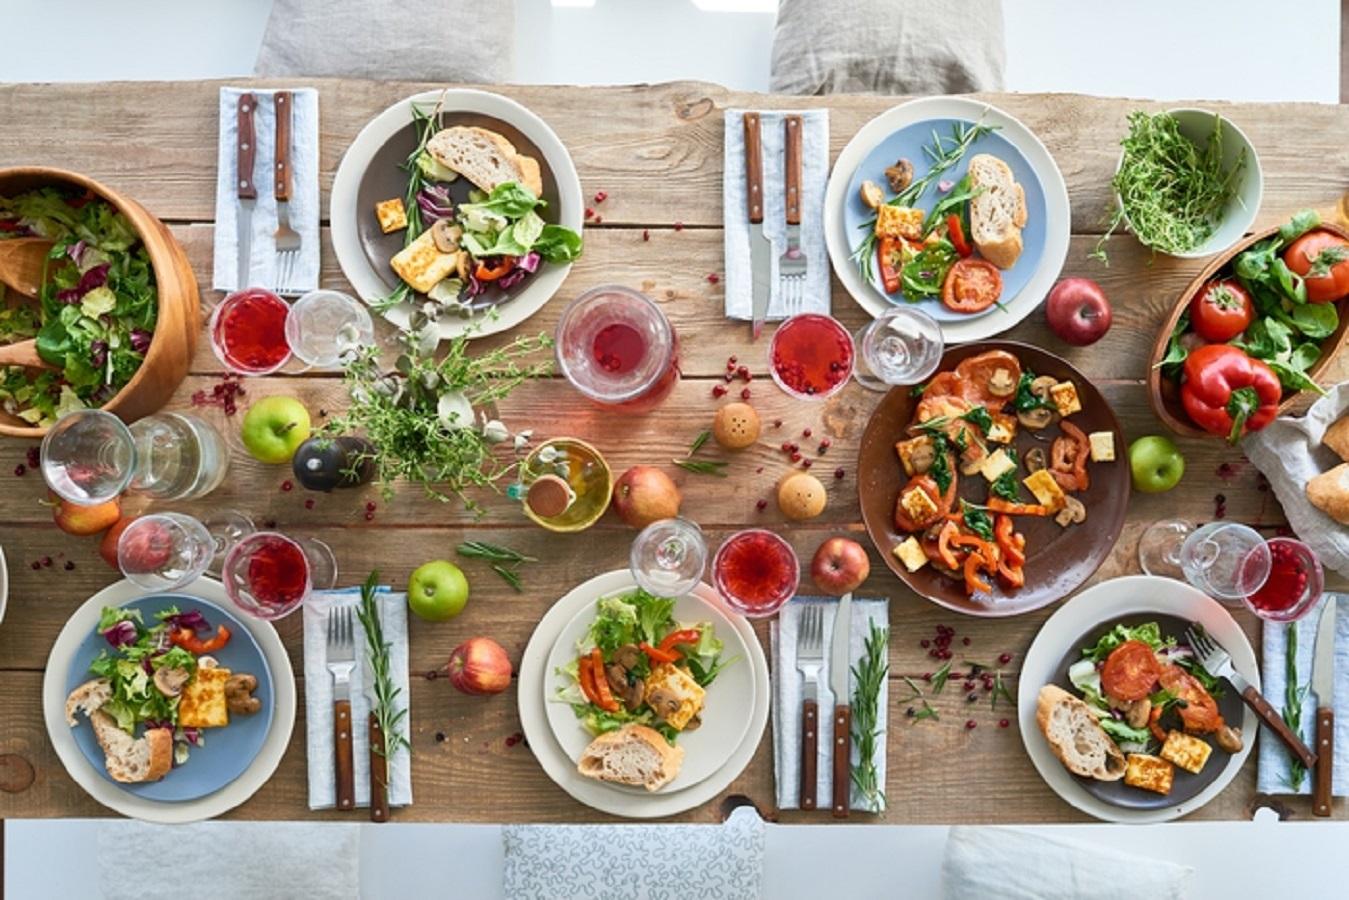 tavola ricca di cibi per dimagrire